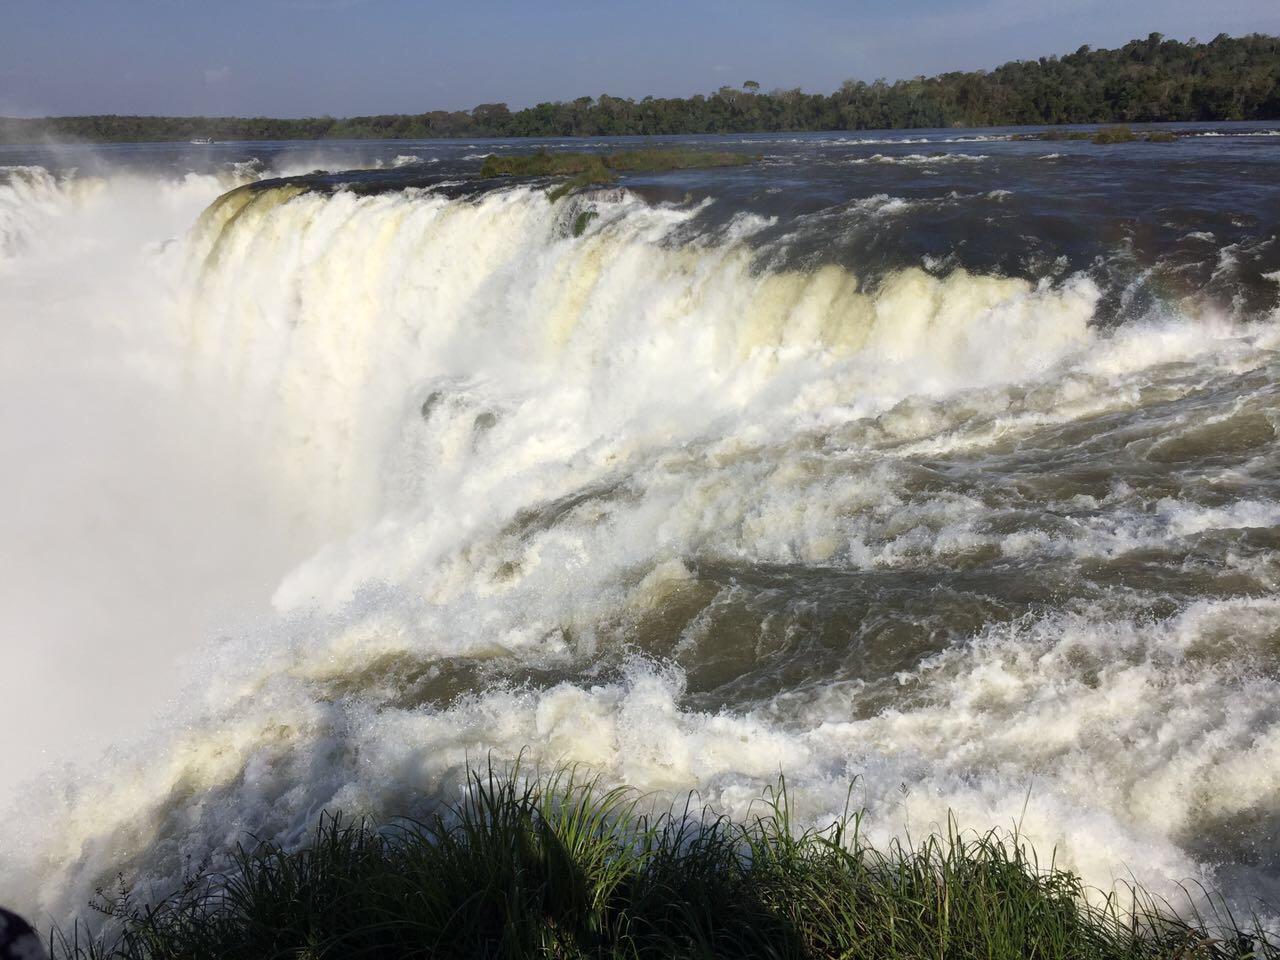 Vista de las Cataratas del Iguazú, Misiones